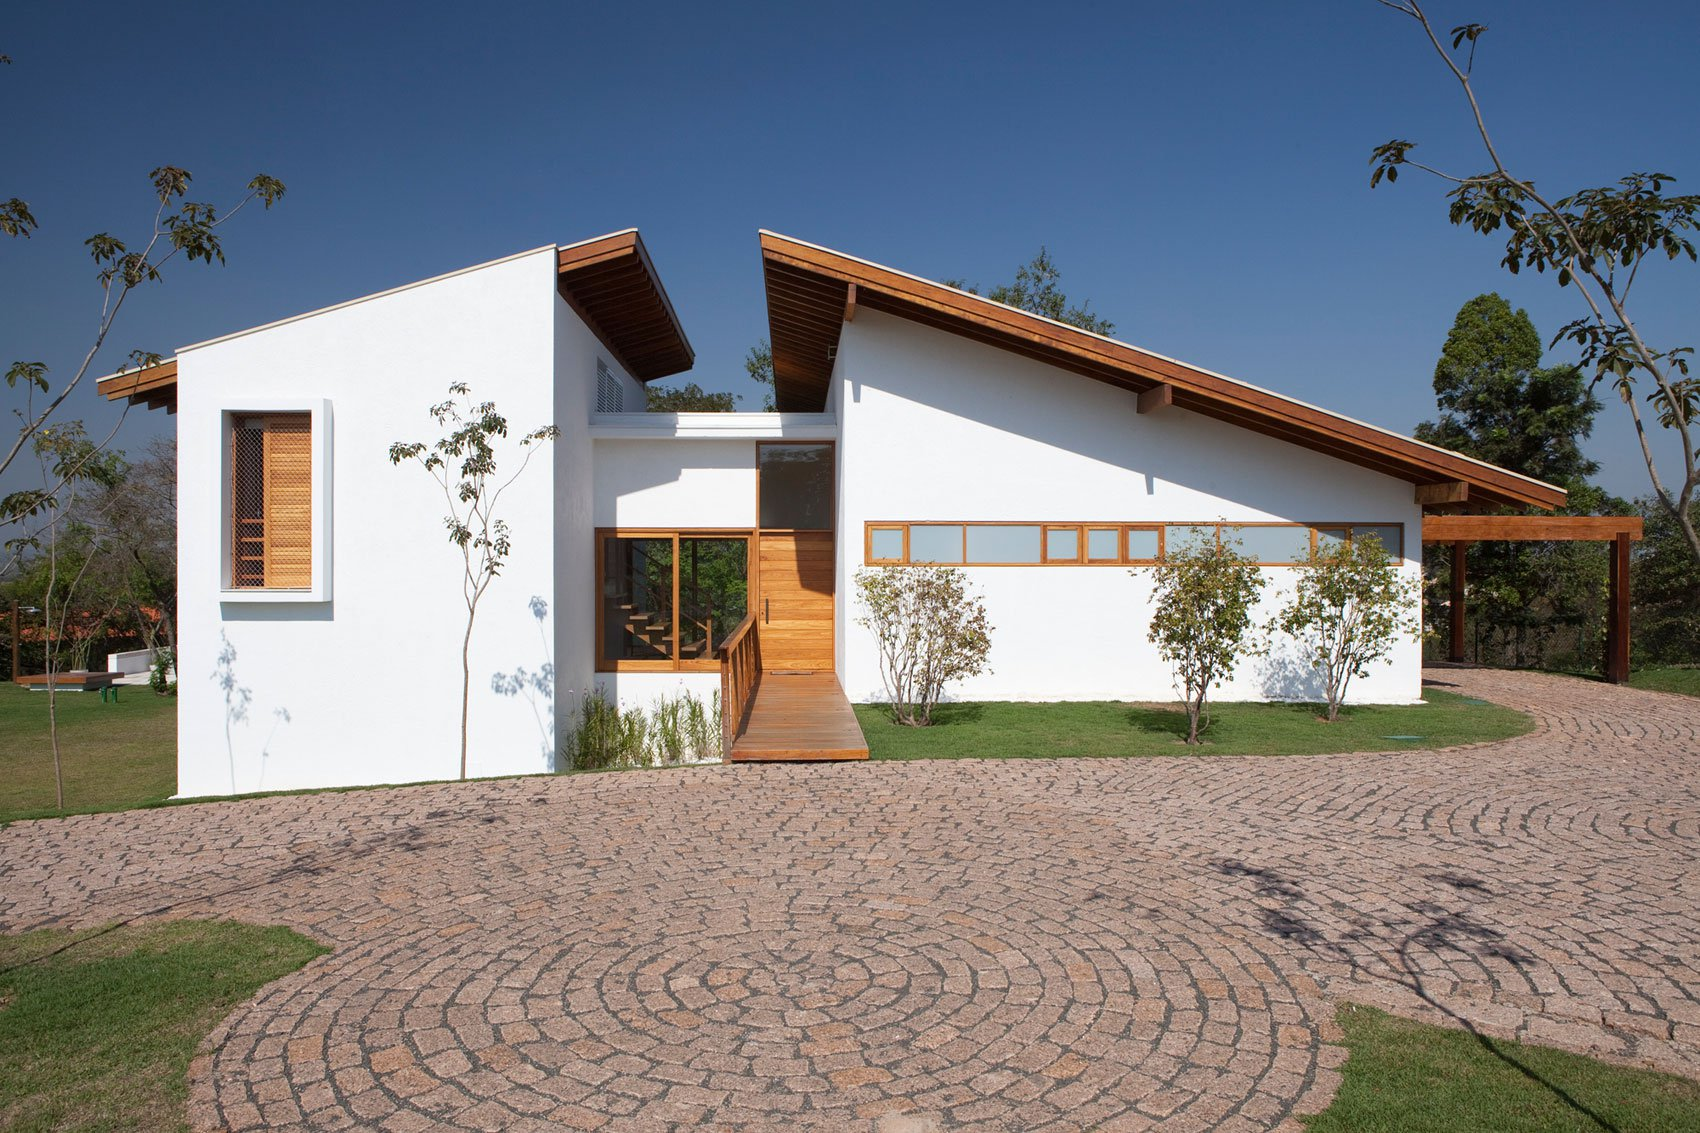 Fachada de casa de campo moderna planos de arquitectura for Arquitectura moderna casas pequenas